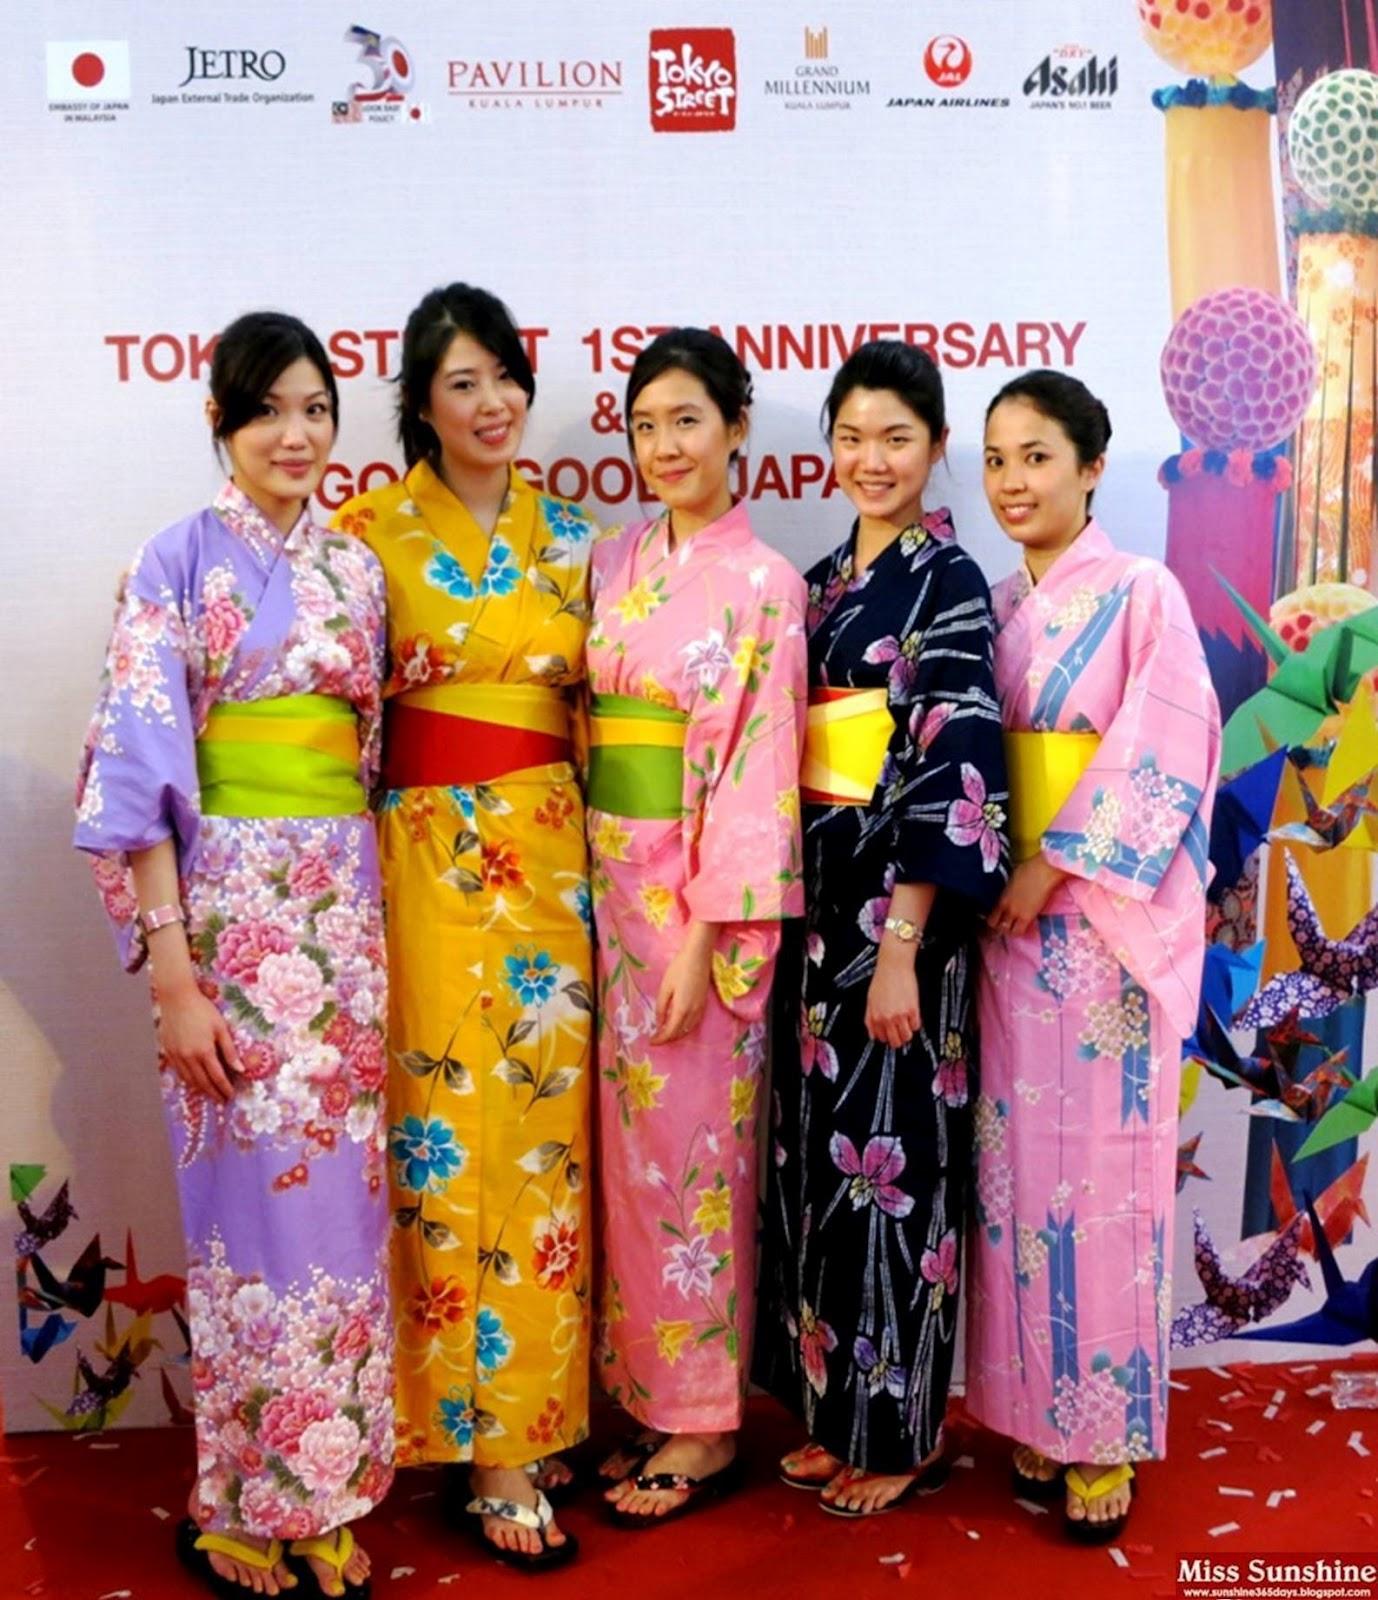 http://1.bp.blogspot.com/-fkuuEGeVhzU/UBBdQl3ScSI/AAAAAAAALLY/0lJovuiIy68/s1600/Tokyo+Street+Anni+4.jpg